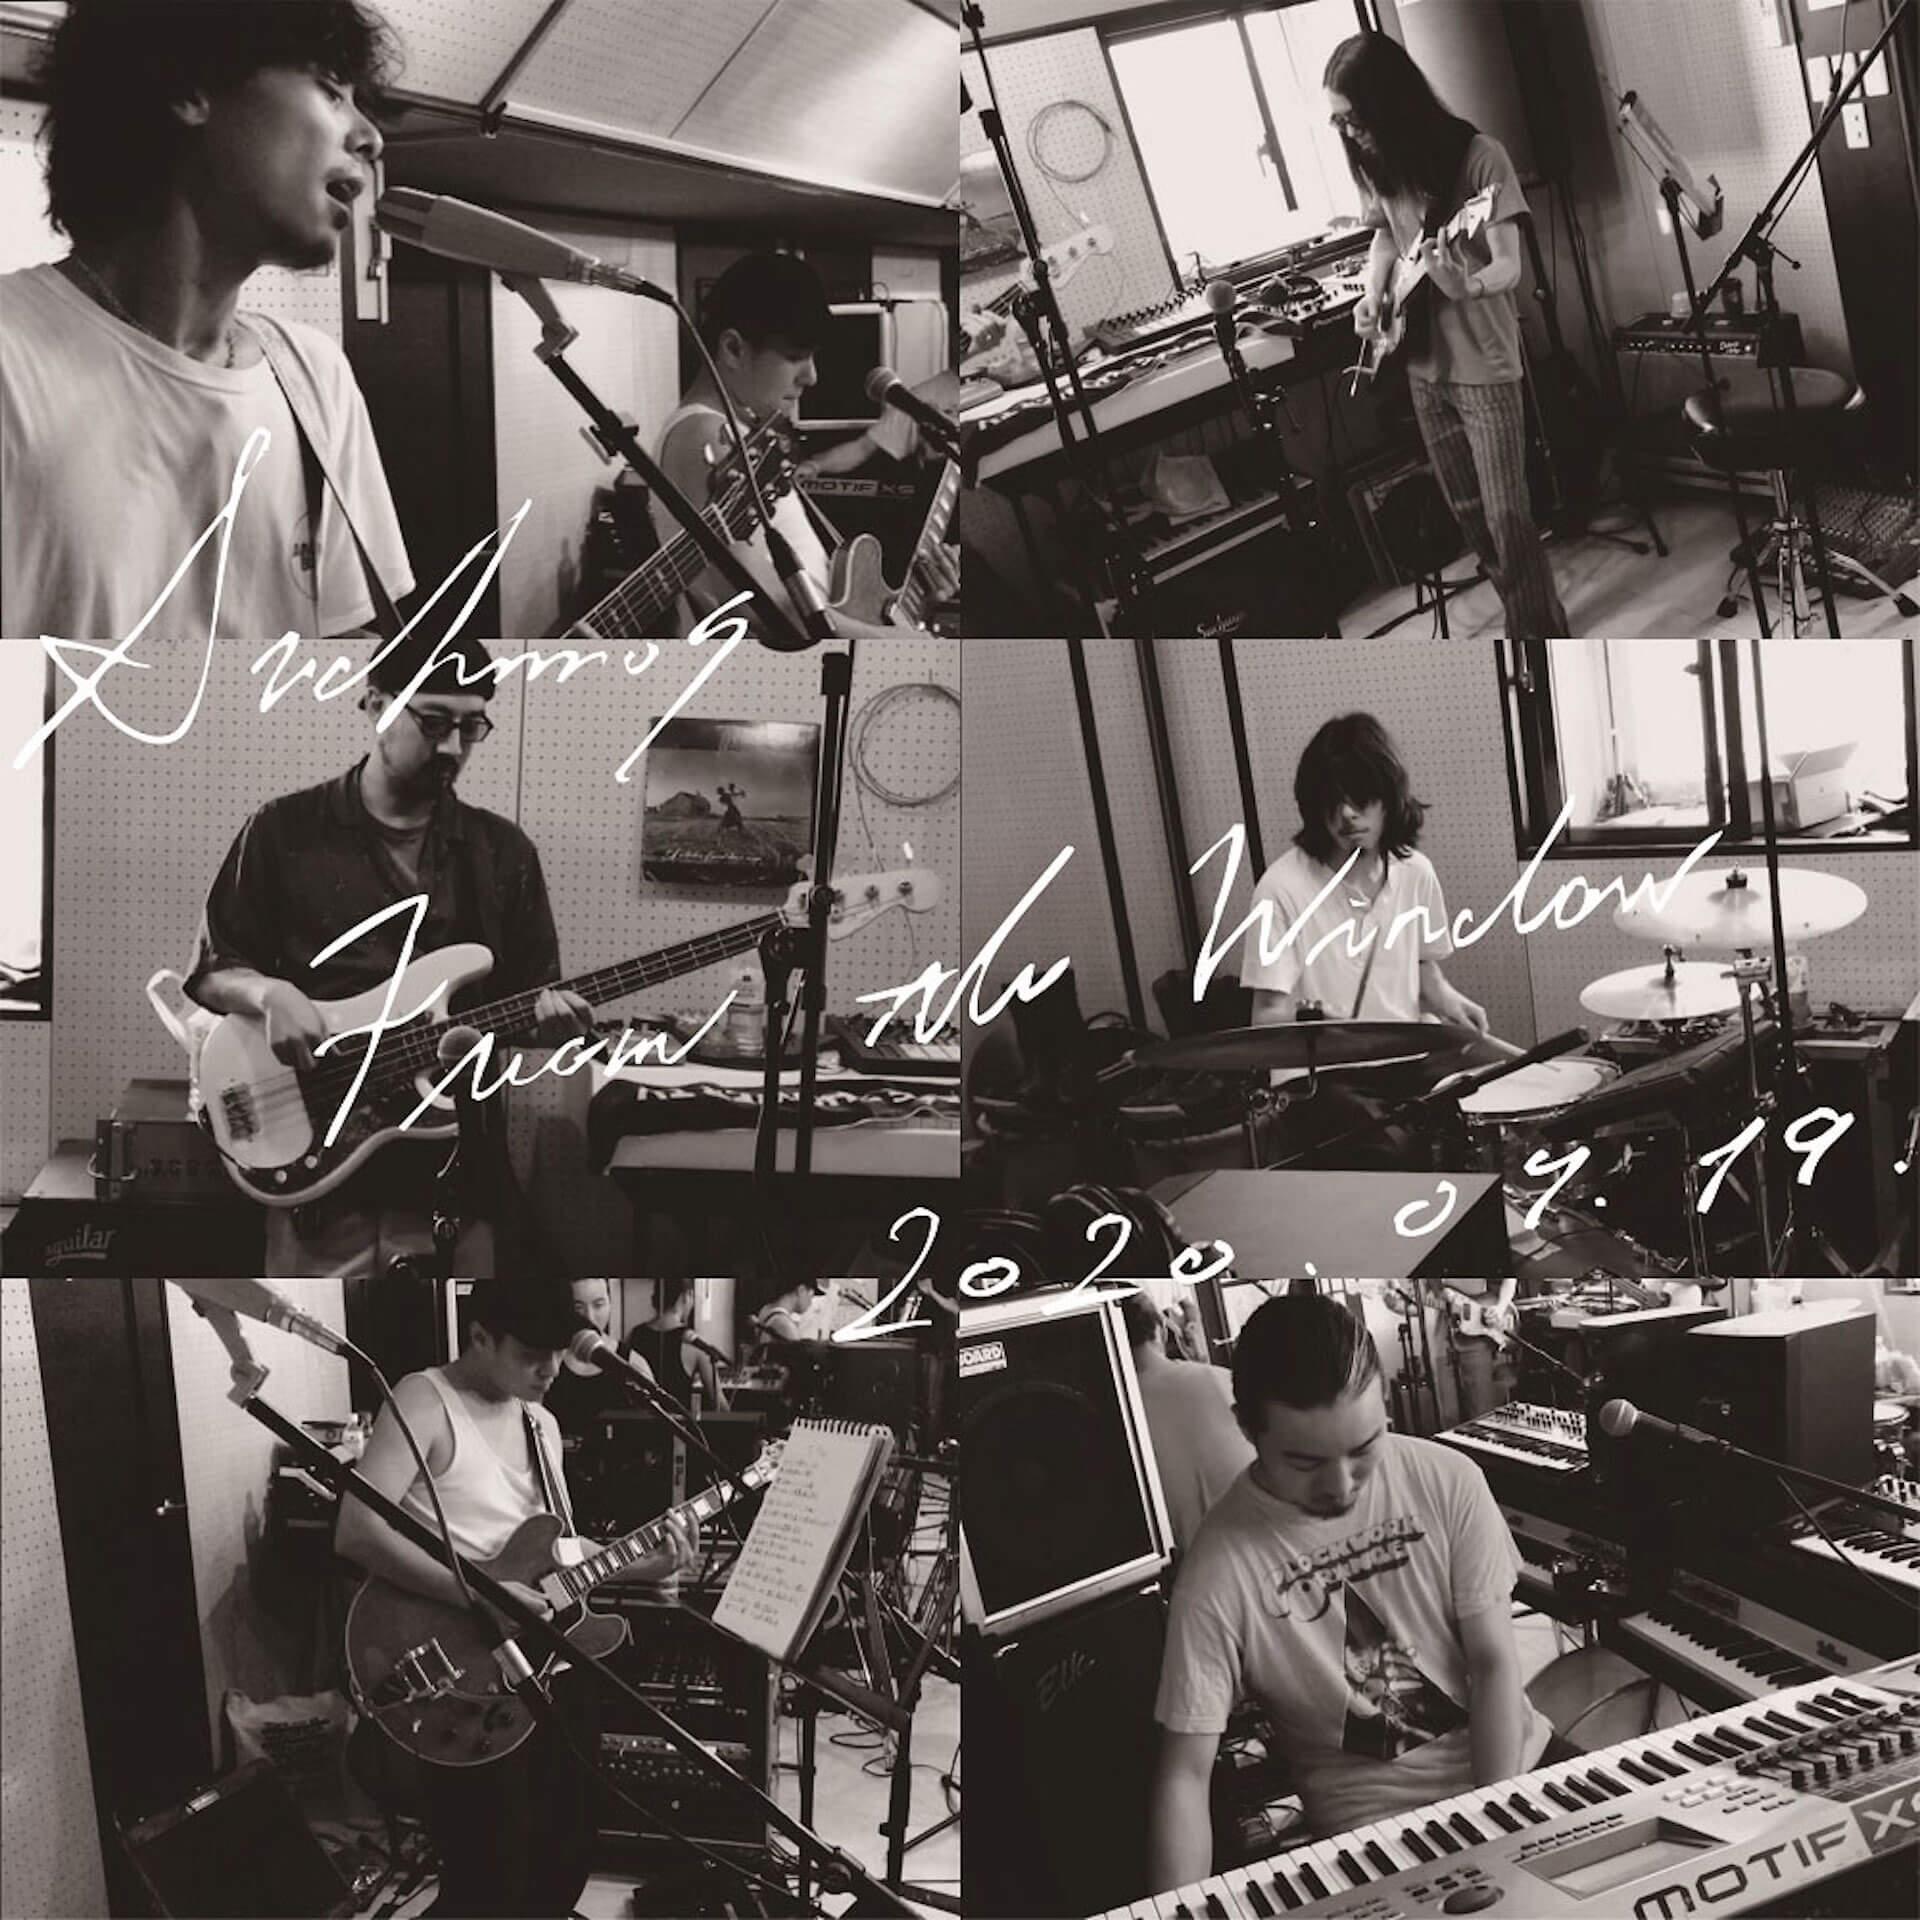 Suchmos、今週末生配信の<LIVEWIRE>ですべて新曲で構成したパフォーマンスを敢行!プレゼントが当たるTwitterキャンペーンも実施 music200716_suchmos_3